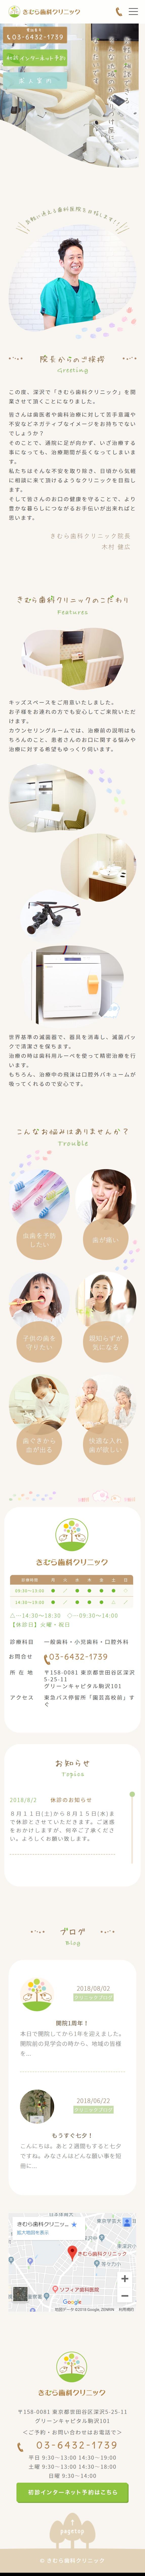 きむら歯科クリニックスマホ版イメージ